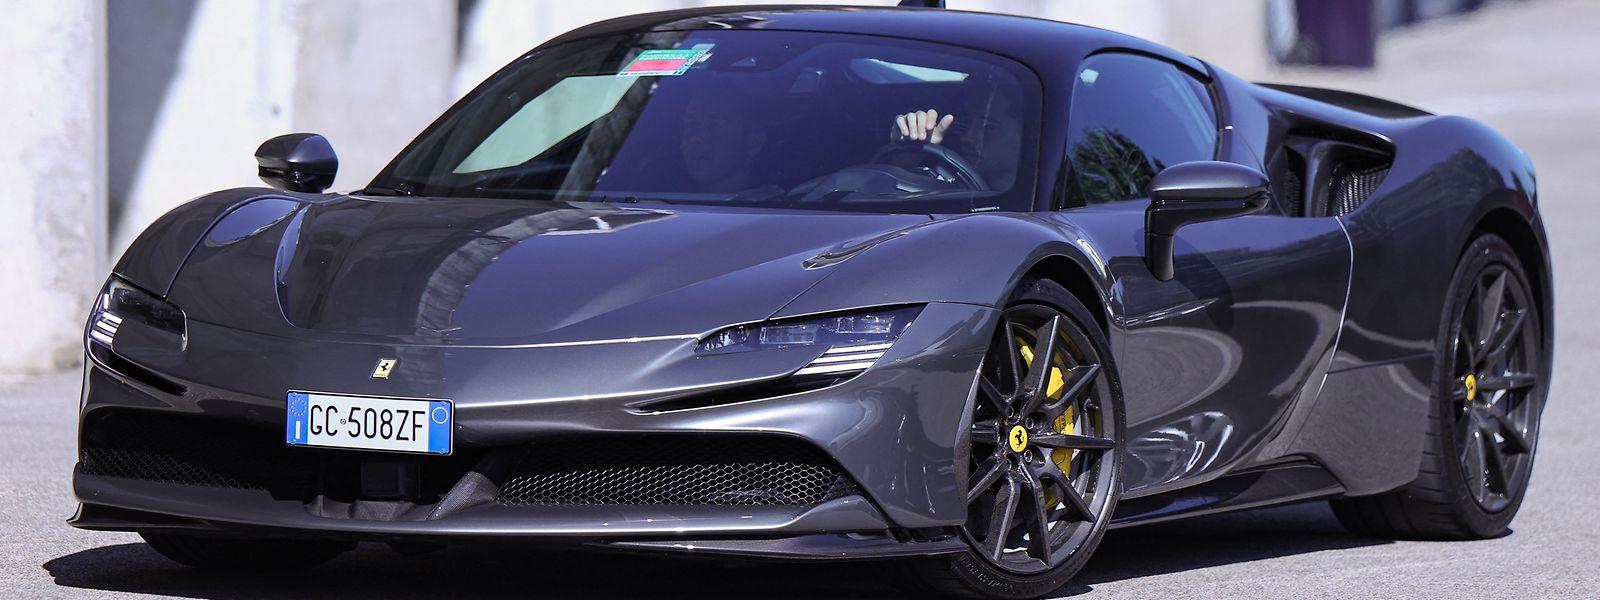 Ferrari steigert den Umsatz im zweiten Quartal um mehr als 80 Prozent.